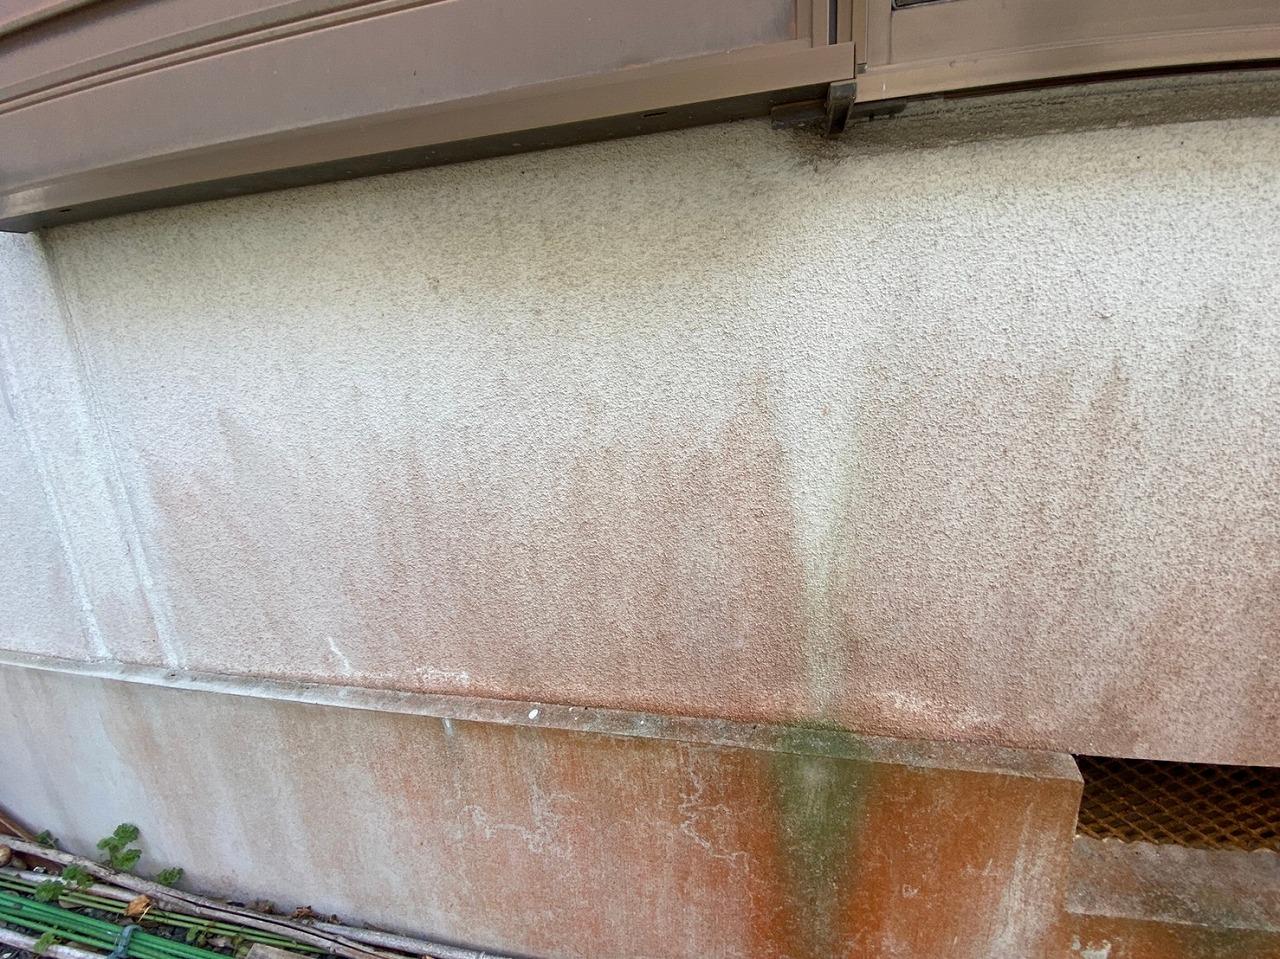 外壁のカビやコケの繁殖